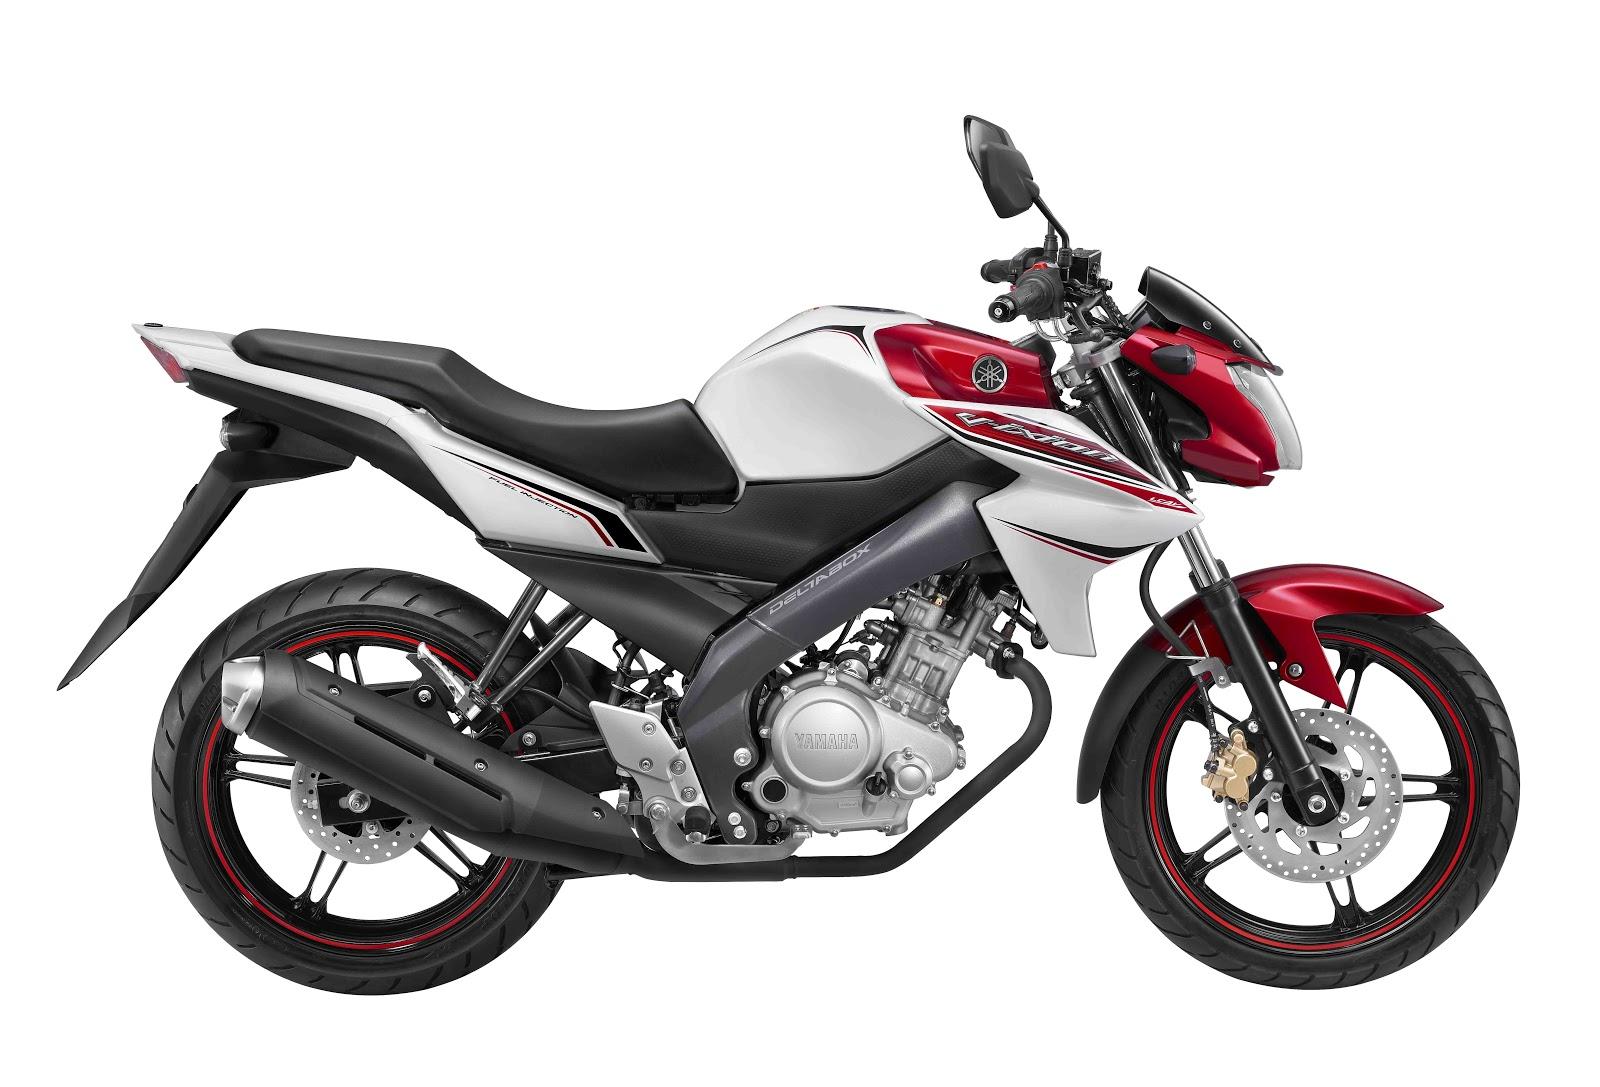 Harga Yamaha New Vixion Terbaru dan Spesifikasi 2013   Vixion Murah